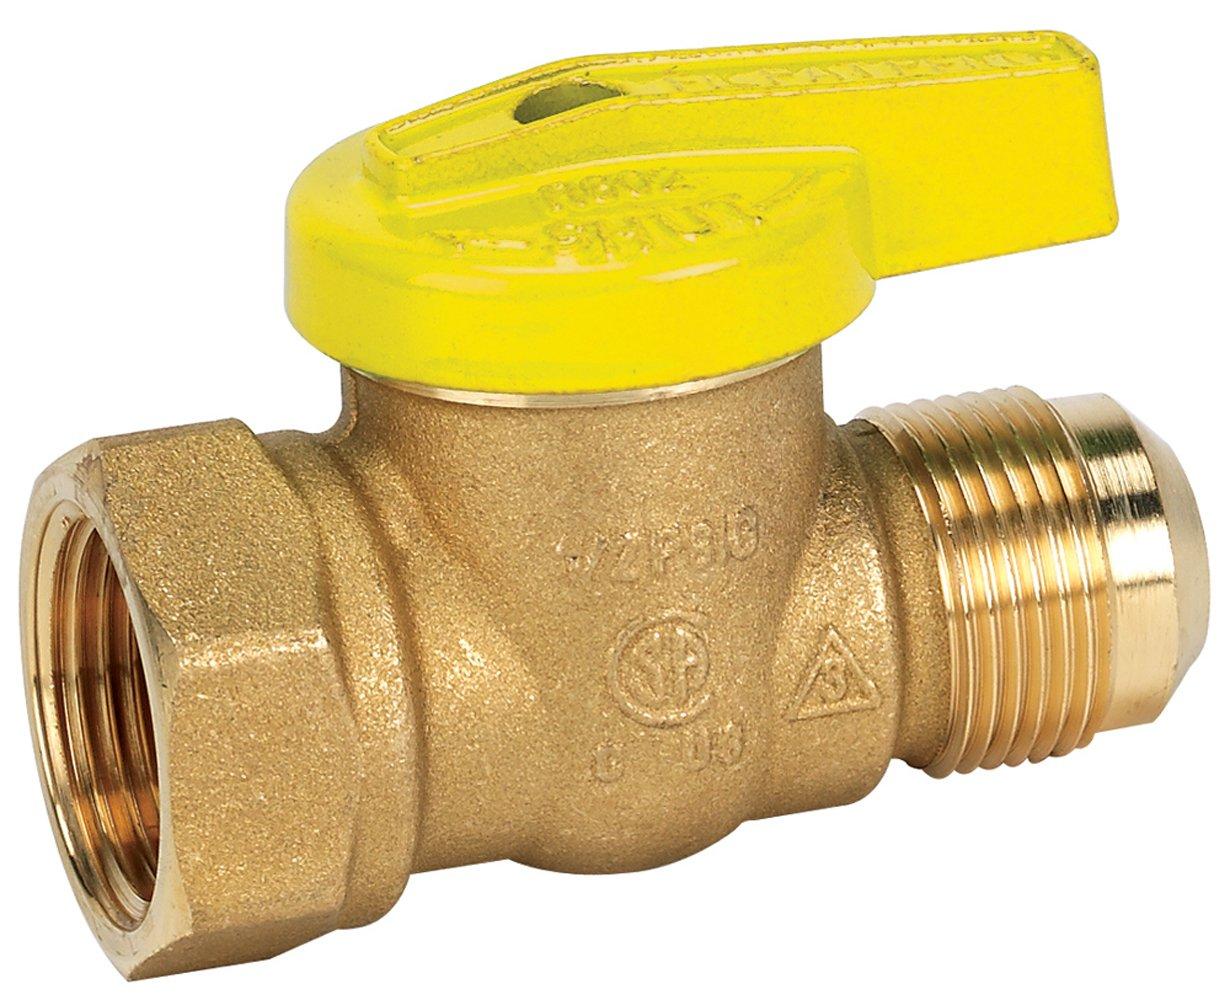 Homewerks VGV-1LH-R2B Premium Gas Ball Valve, Female Thread x Flare, Brass, 1/2-Inch FIP x 3/8-Inch FL